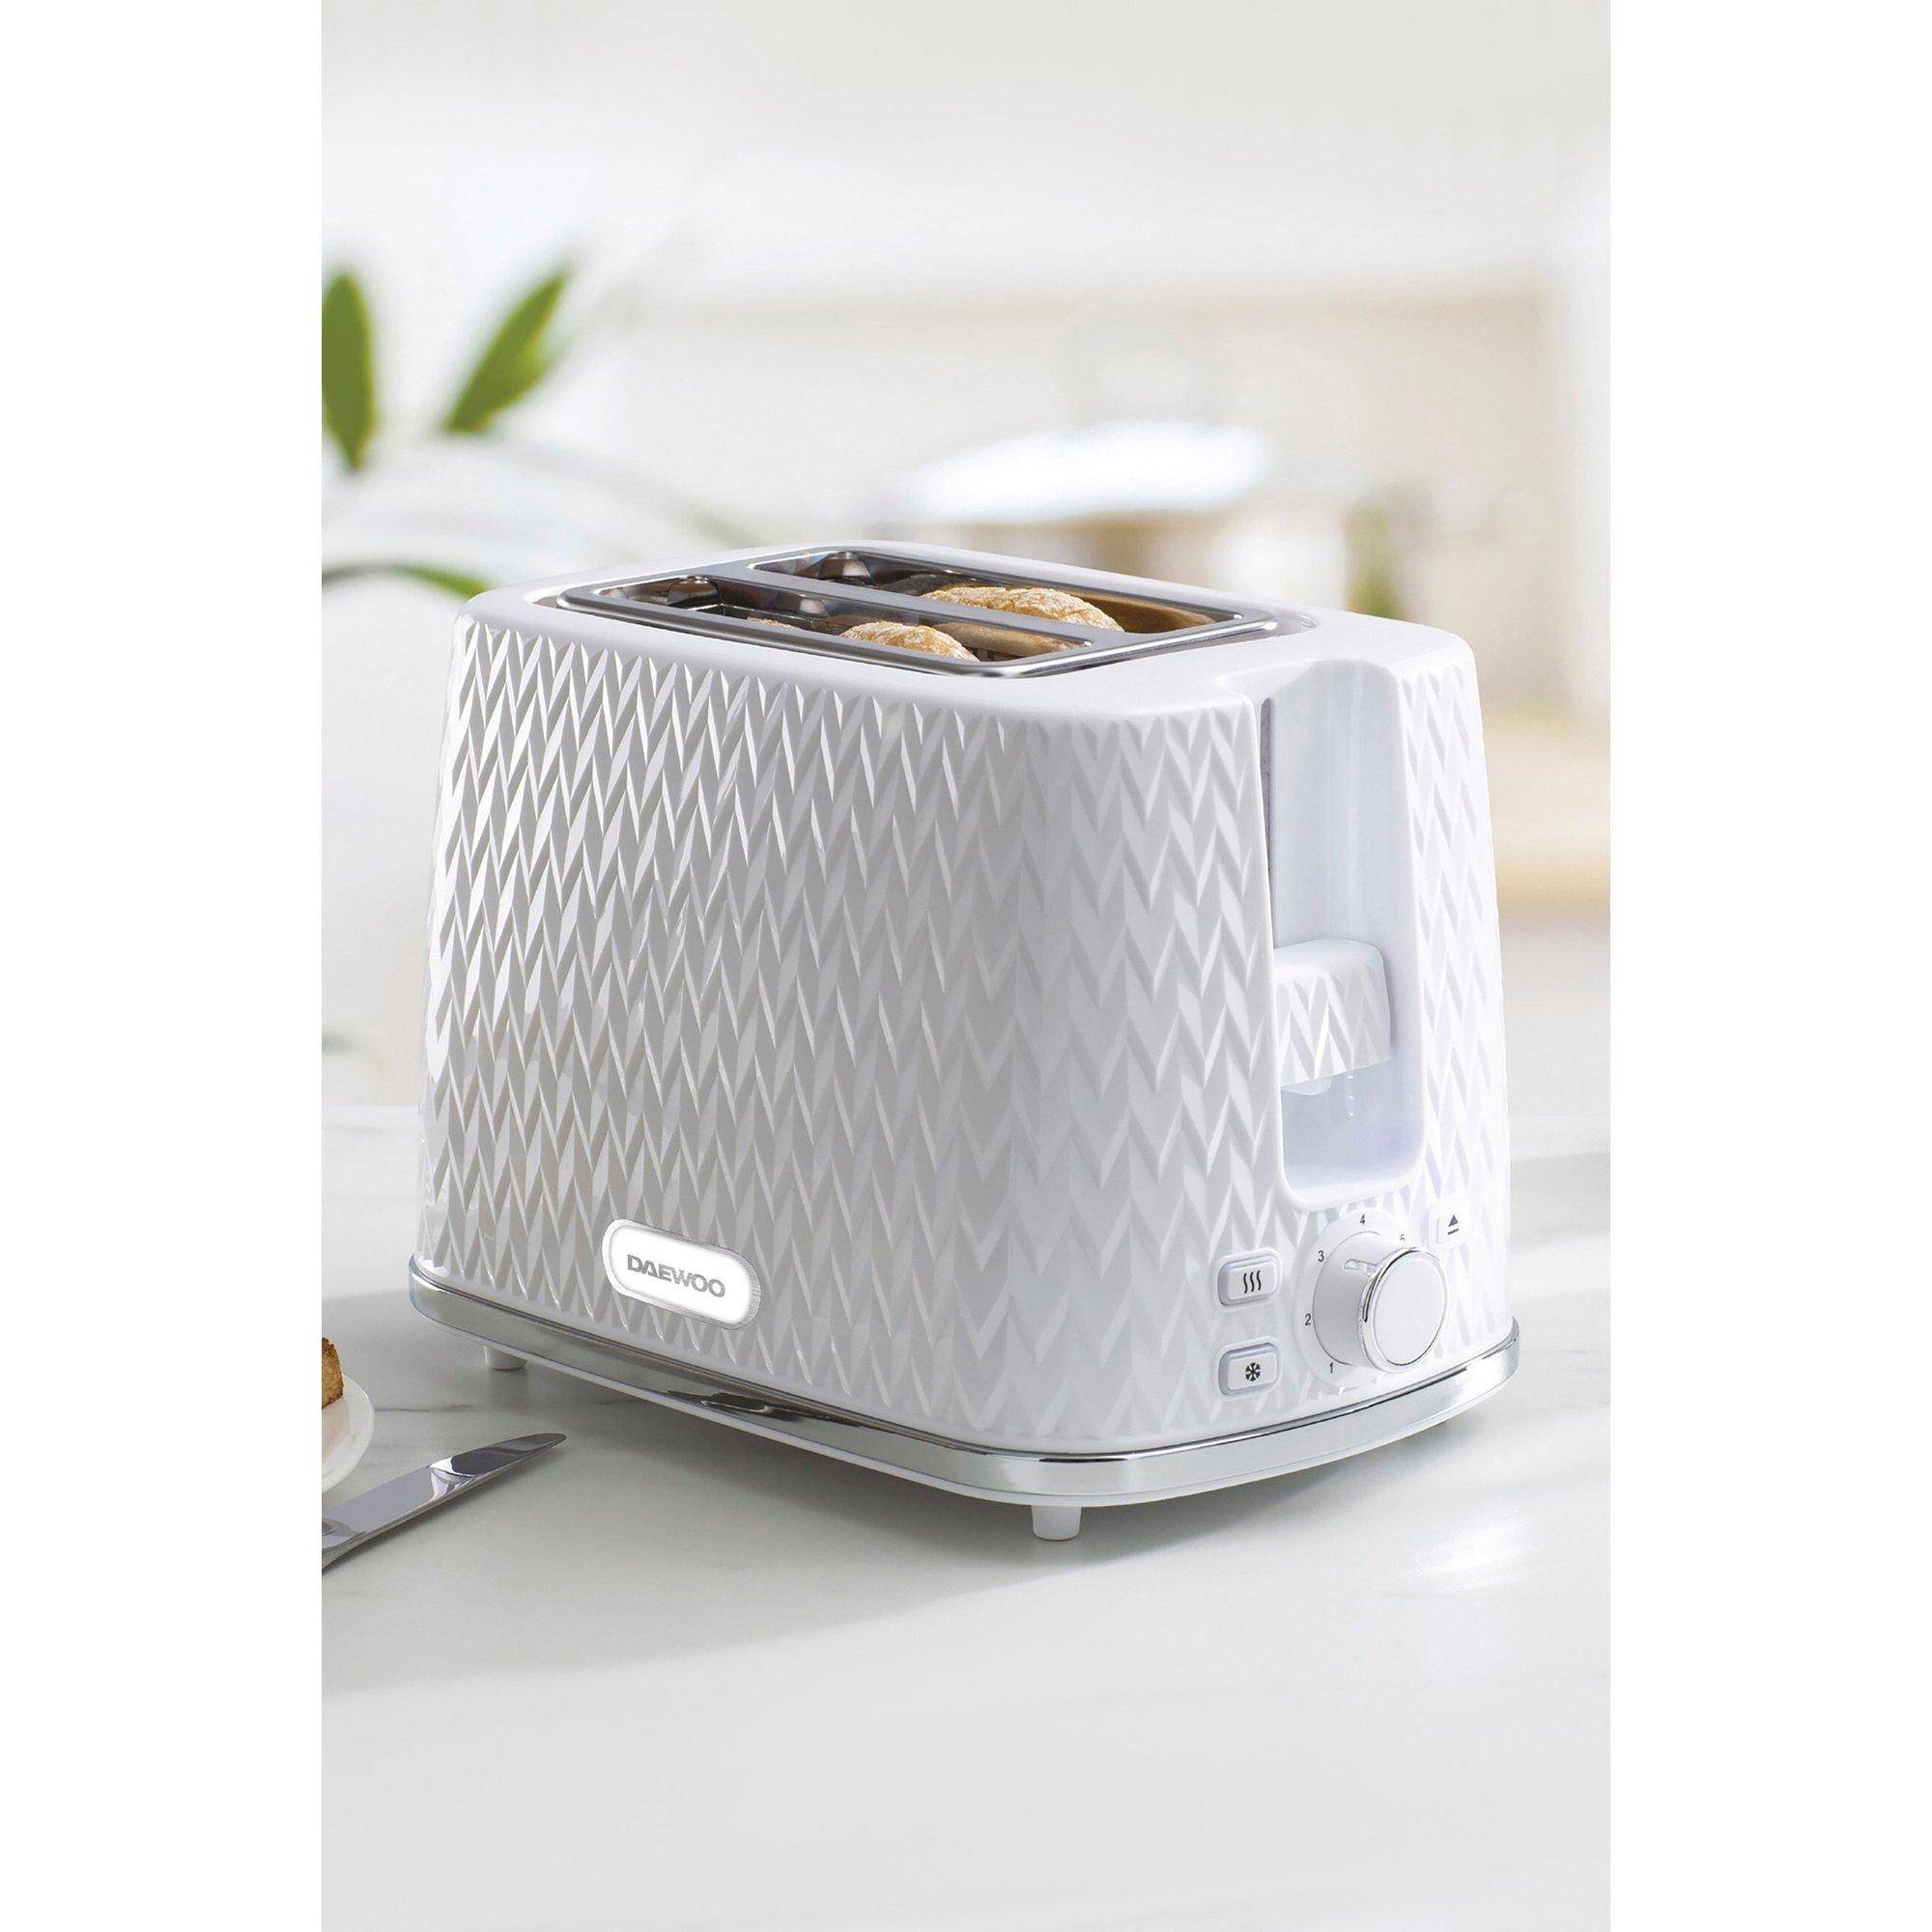 Image of Daewoo Argyle 2 Slice Toaster